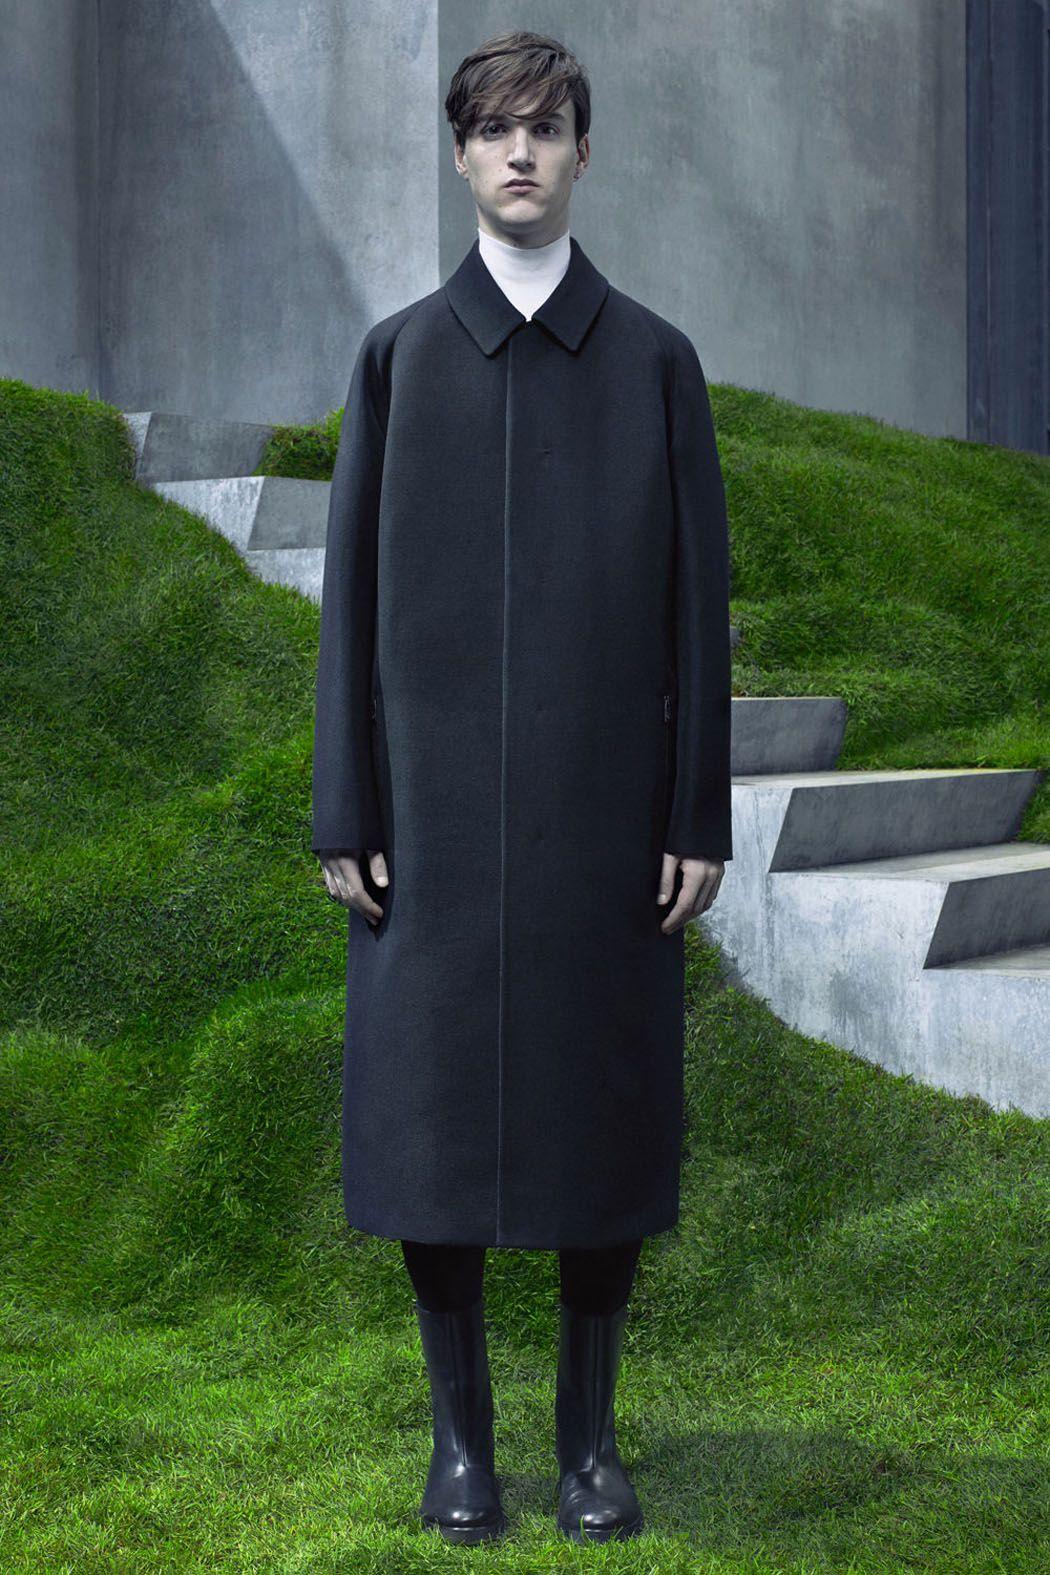 Alexander Wang Designs For Balenciaga Finding A